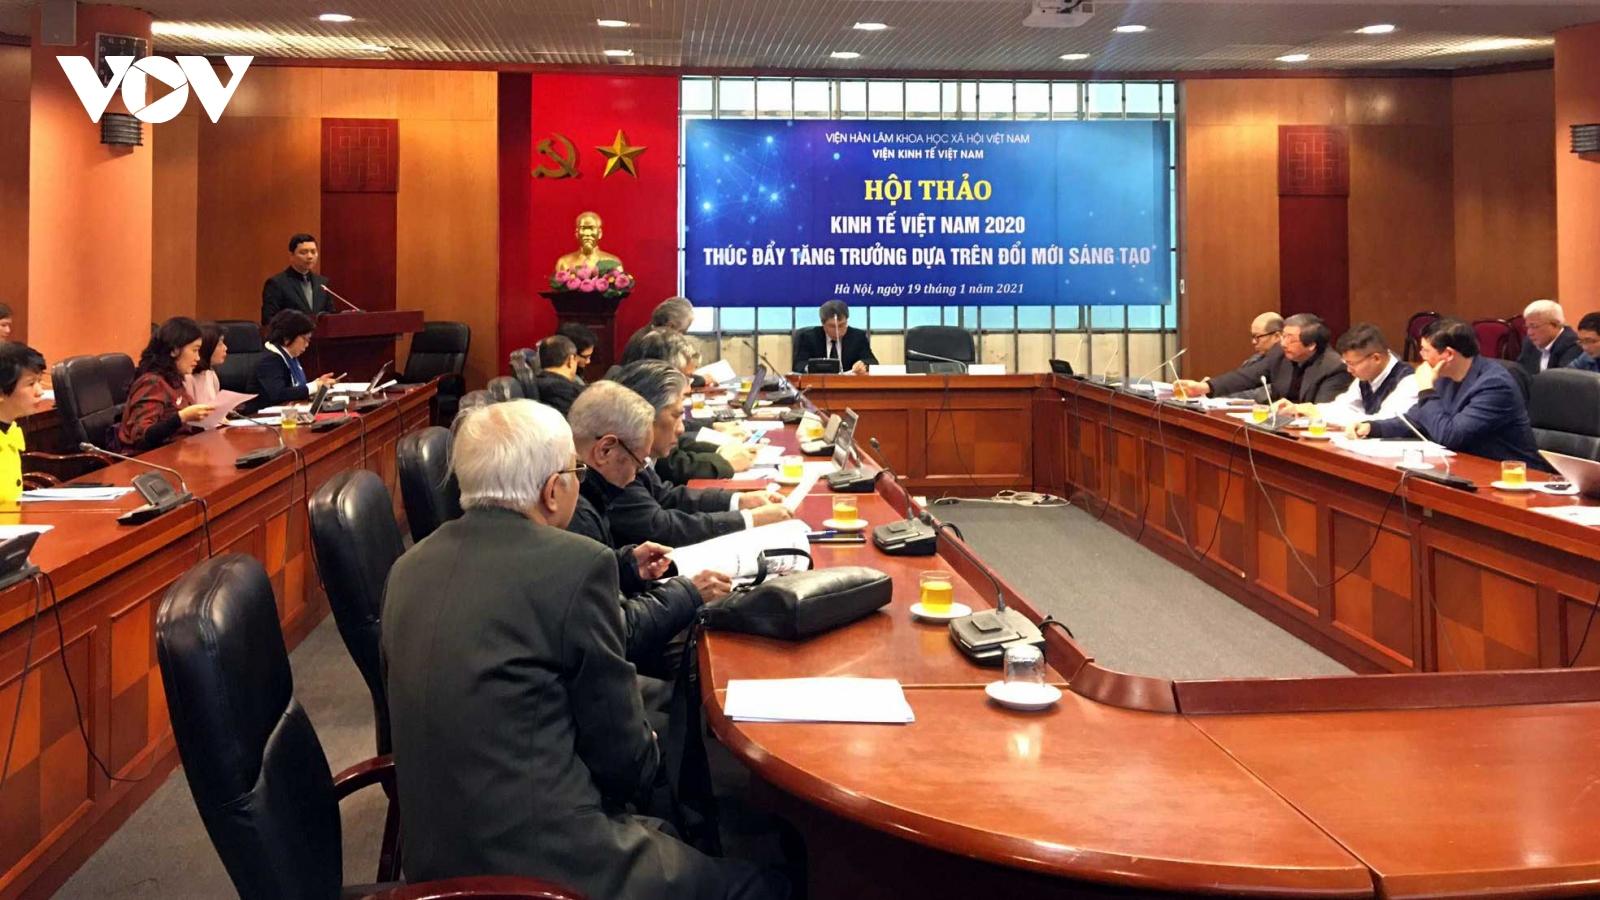 Tăng trưởng kinh tế Việt Nam 2021 dựa trên đổi mới sáng tạo